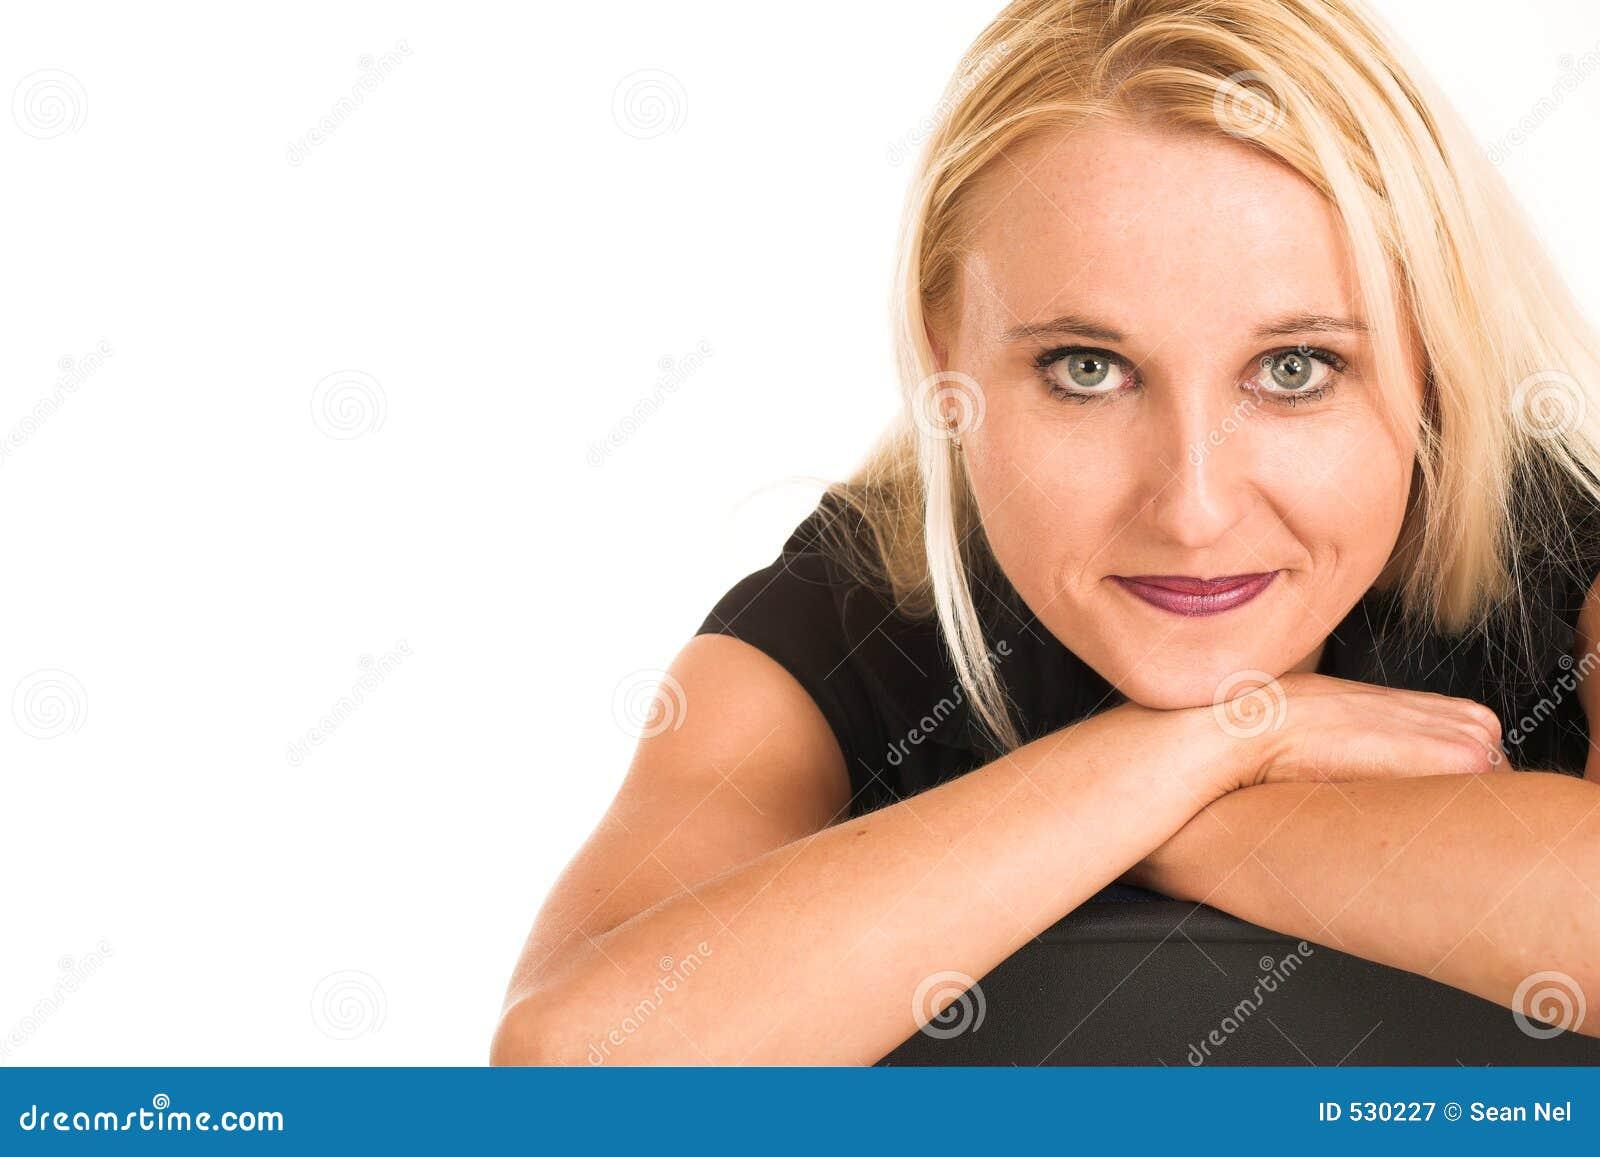 Download 379女商人 库存图片. 图片 包括有 方式, 夫人, 办公室, 长期, 放血, 总公司, 衬衣, 裤子, 工作 - 530227